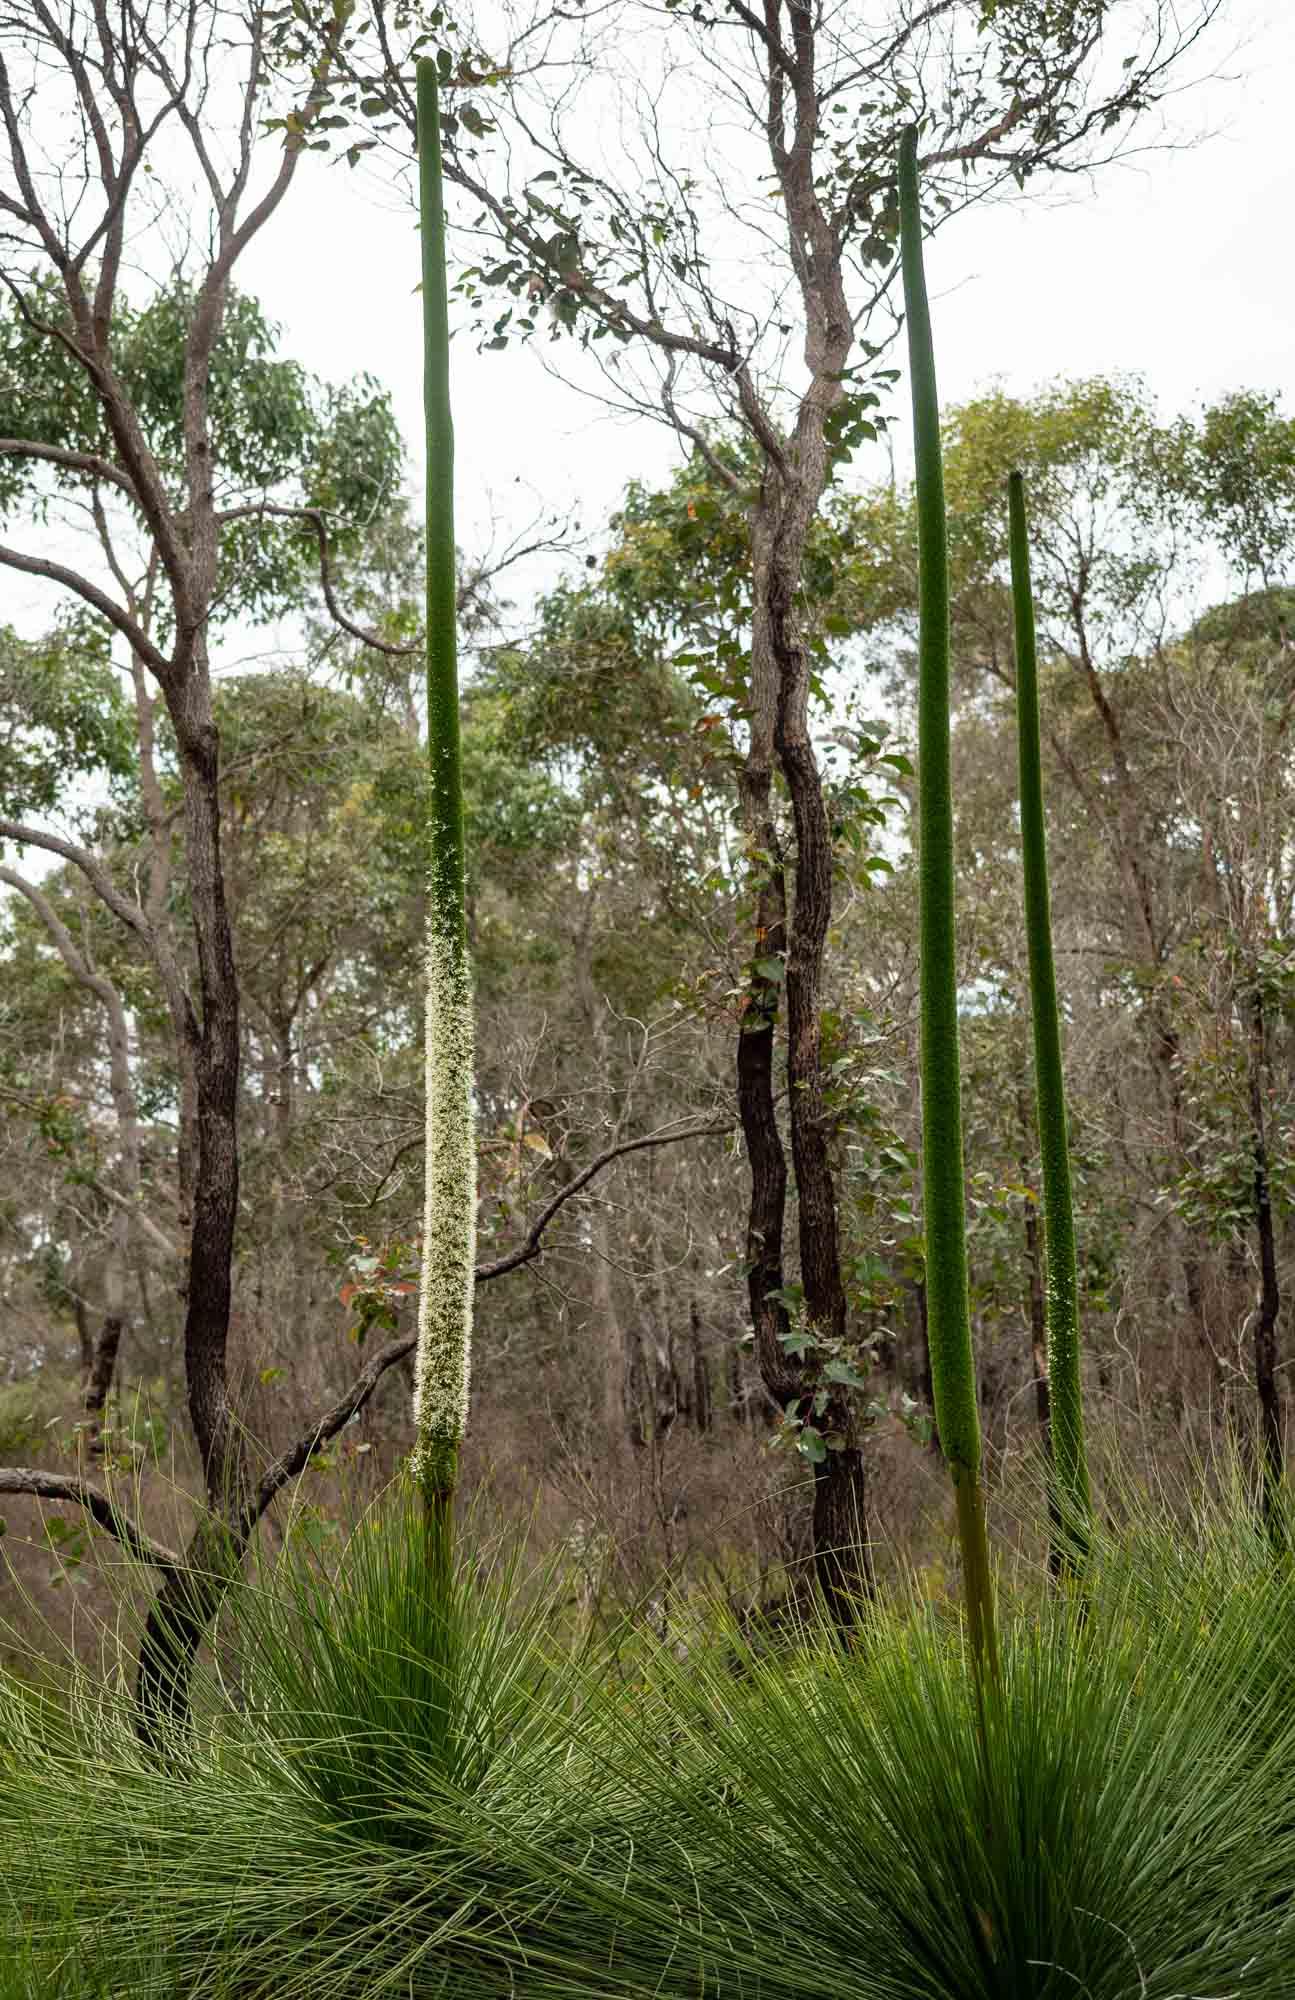 Xanthorrhoea preisii, Grass Tree